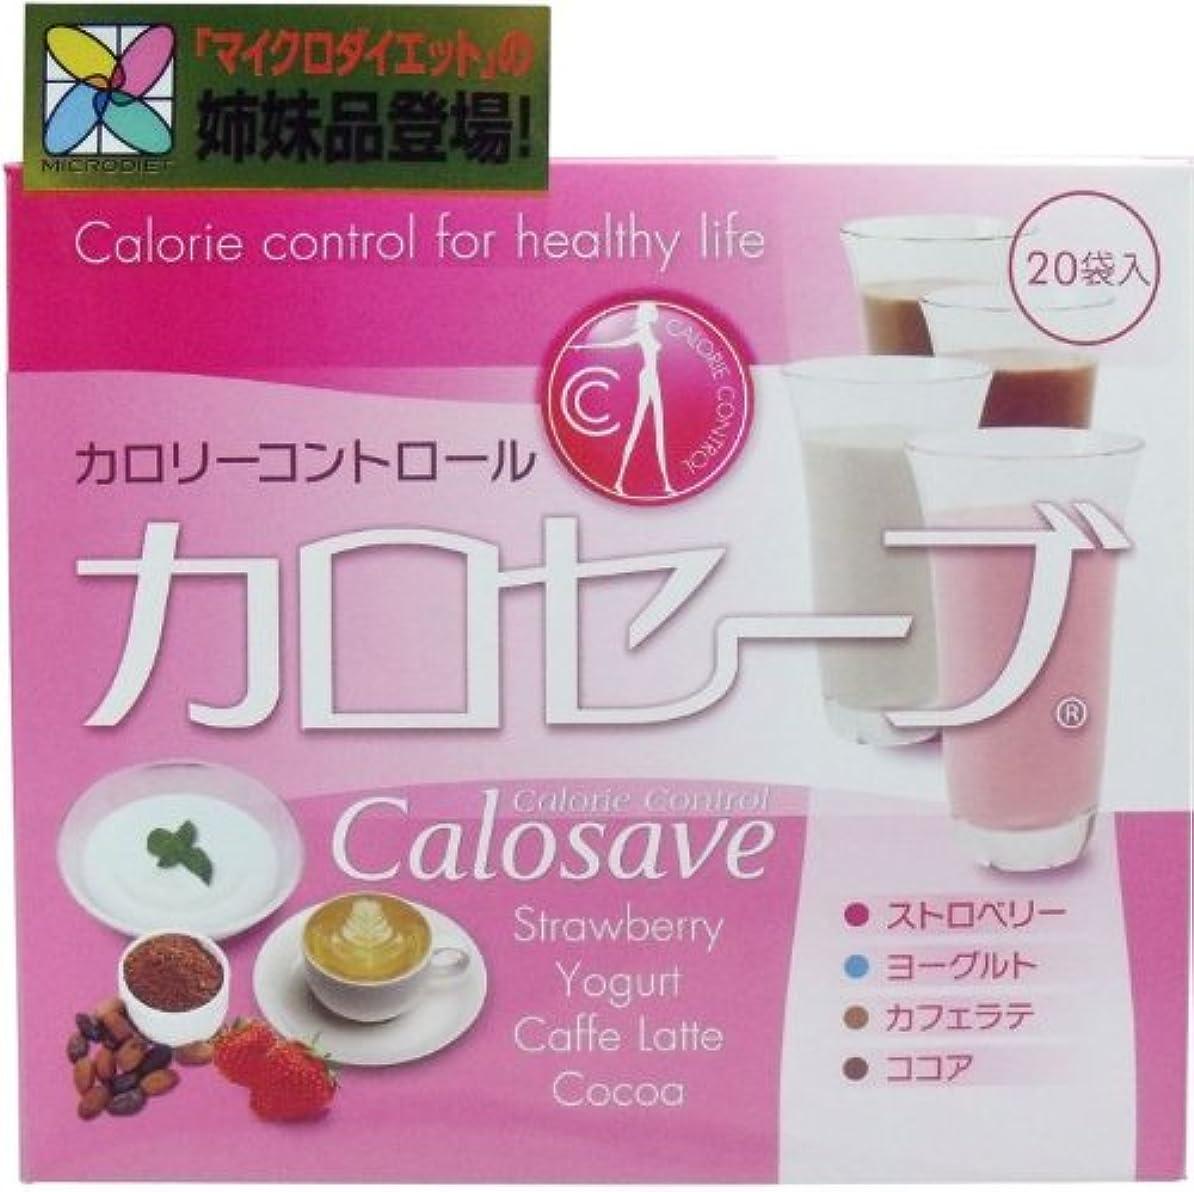 振り向く段階擬人カロリーコントロール カロセーブ 20袋入【2個セット】